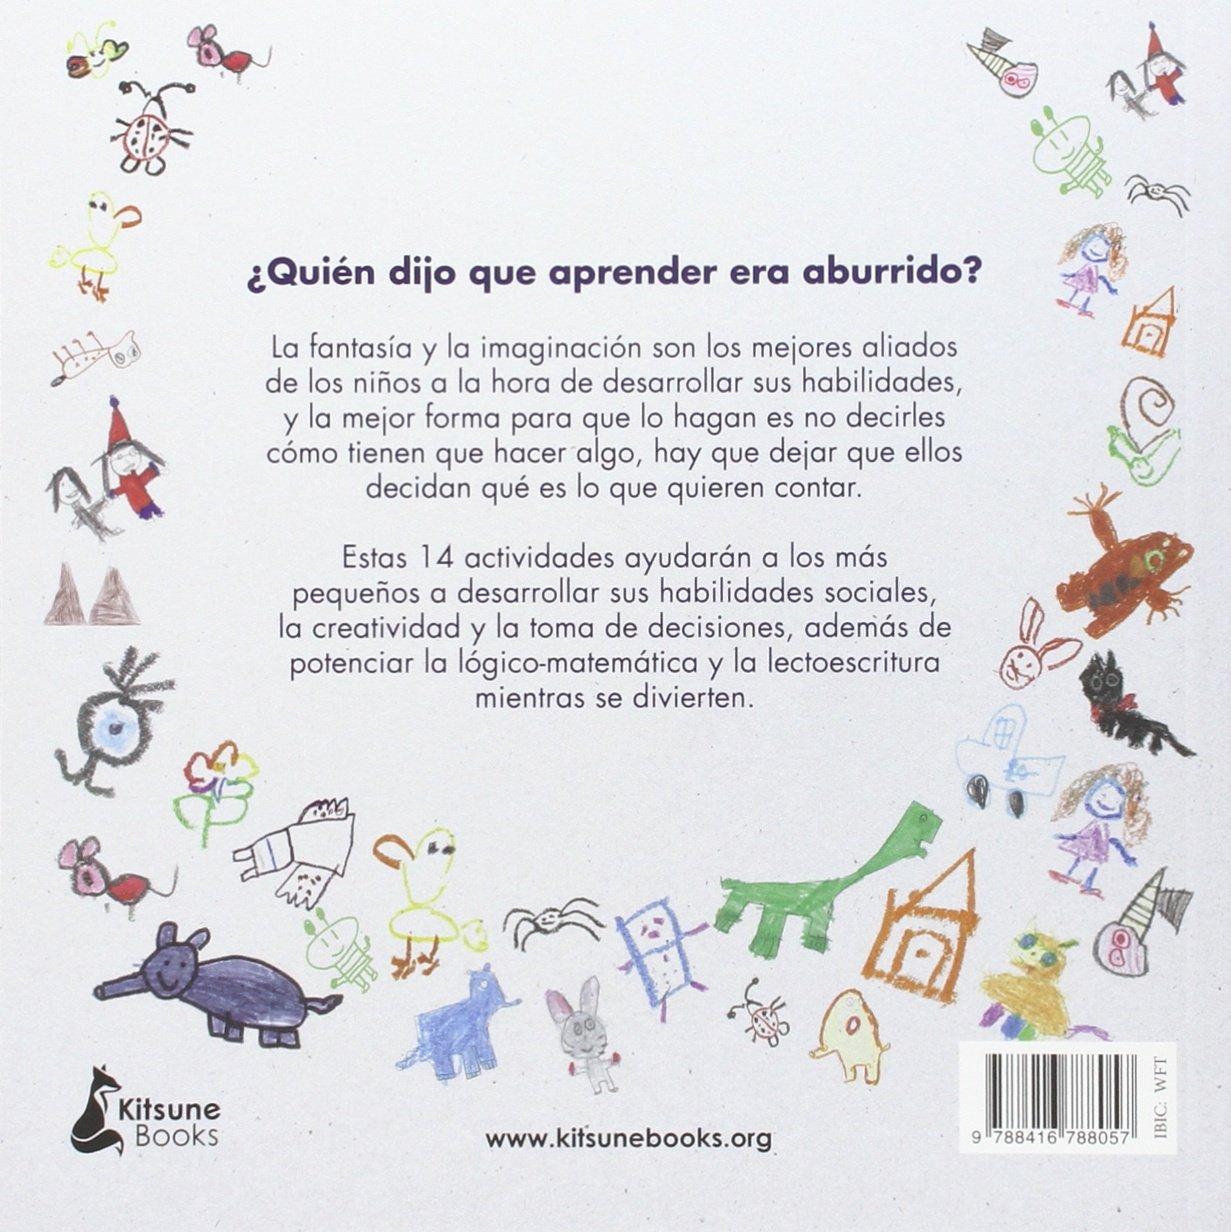 Thinks for kids: Desarrolla el pensamiento creativo: Raúl Bermejo: 9788416788057: Amazon.com: Books